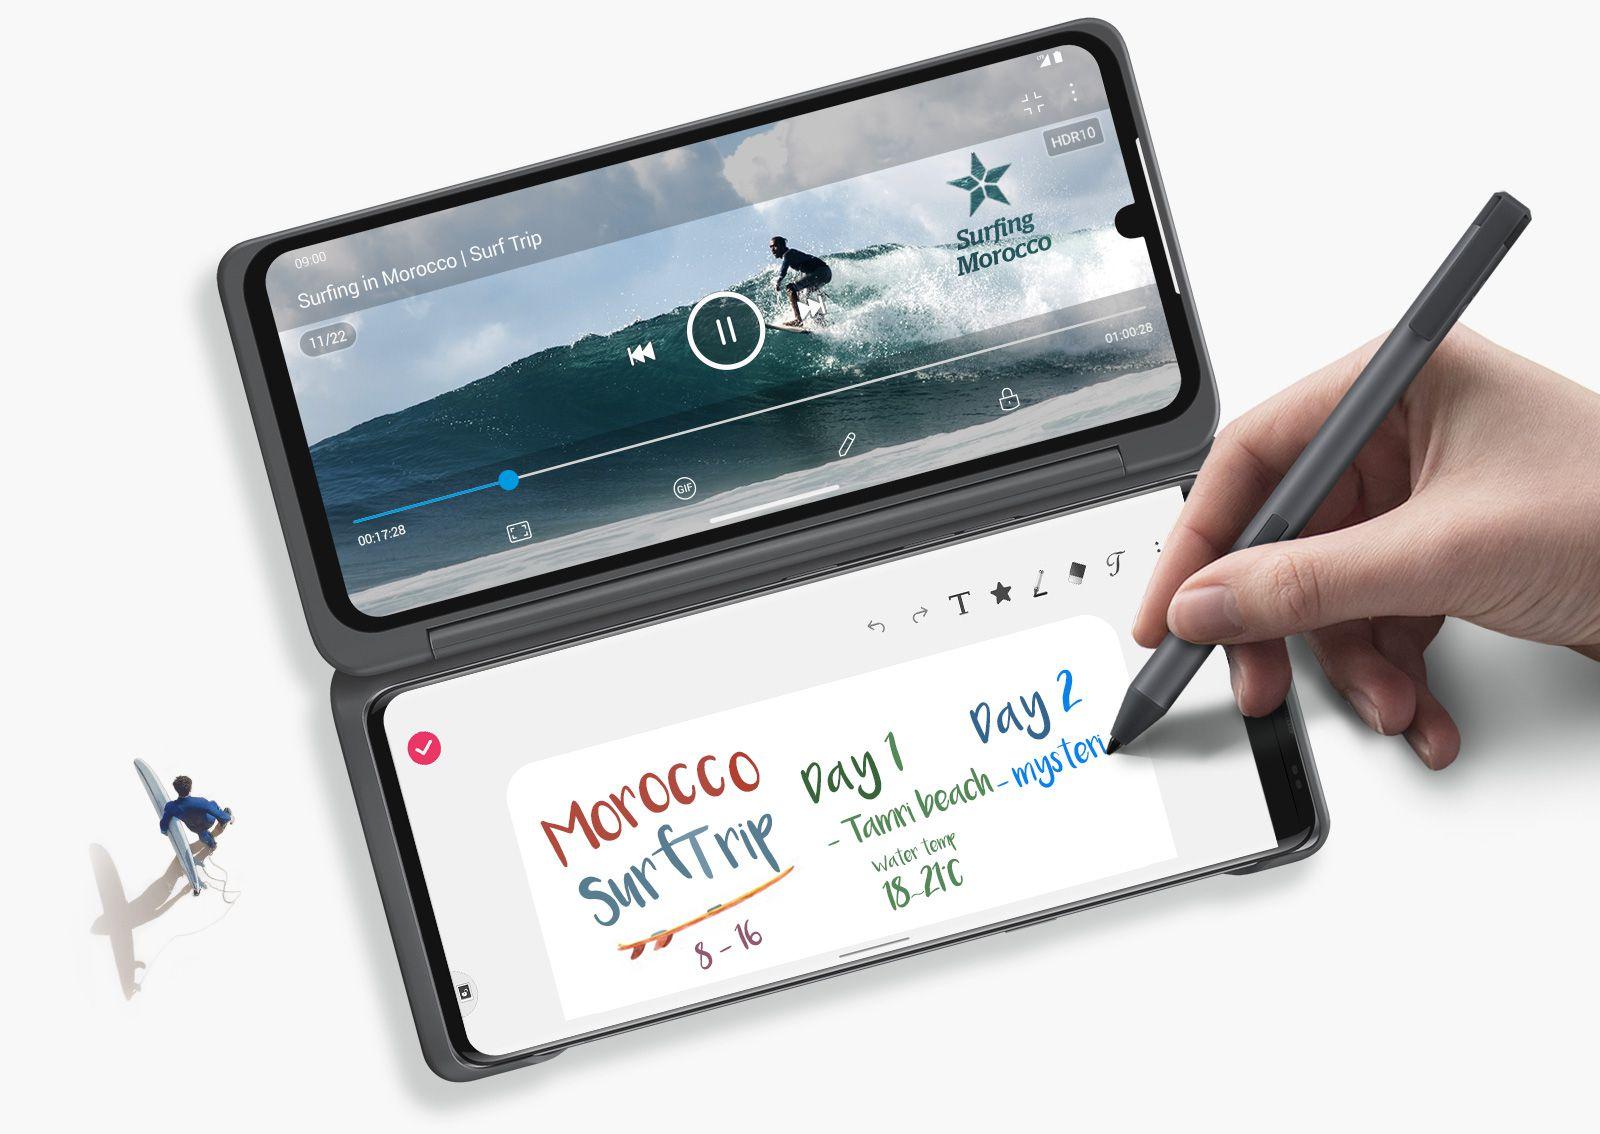 Viename dvigubo ekrano ekrane leidžiamas vaizdo įrašas, o kitame rašomos pastabos.